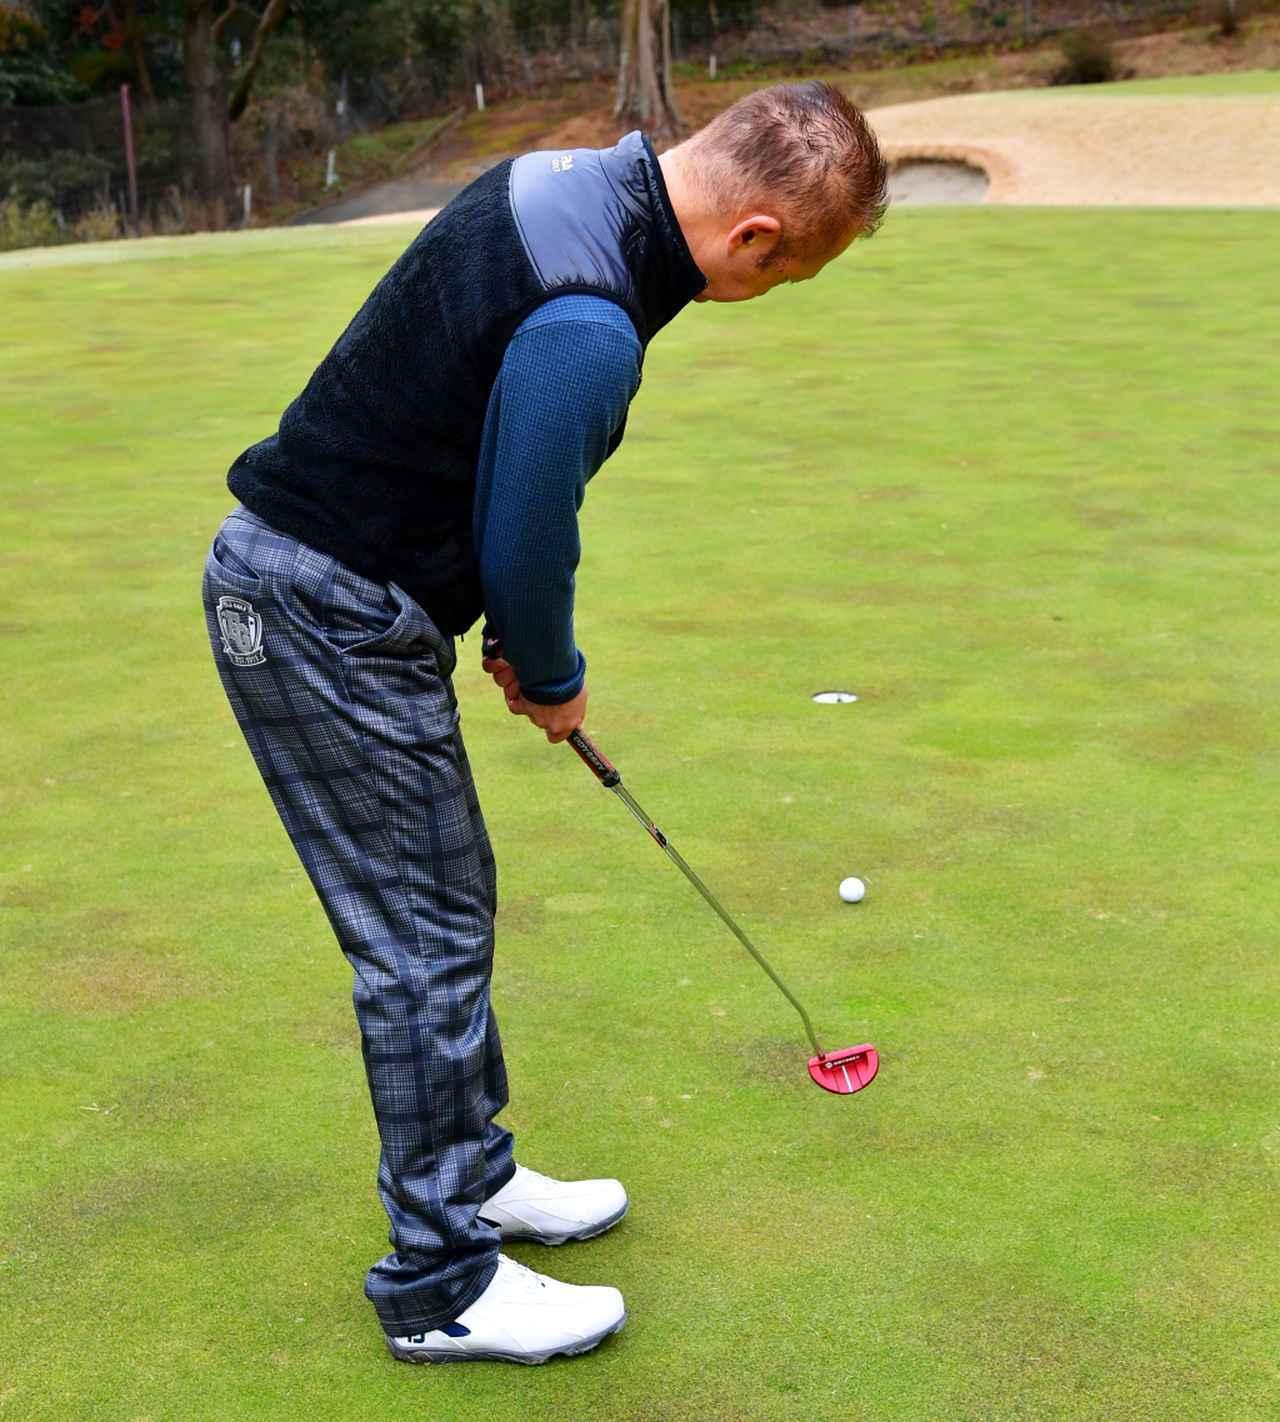 画像: グリーンが小さく傾斜も強いのでショートパットも油断できない。「目標へ正確に打ち出せるよう2メートルのまっすぐを繰り返し練習しました」